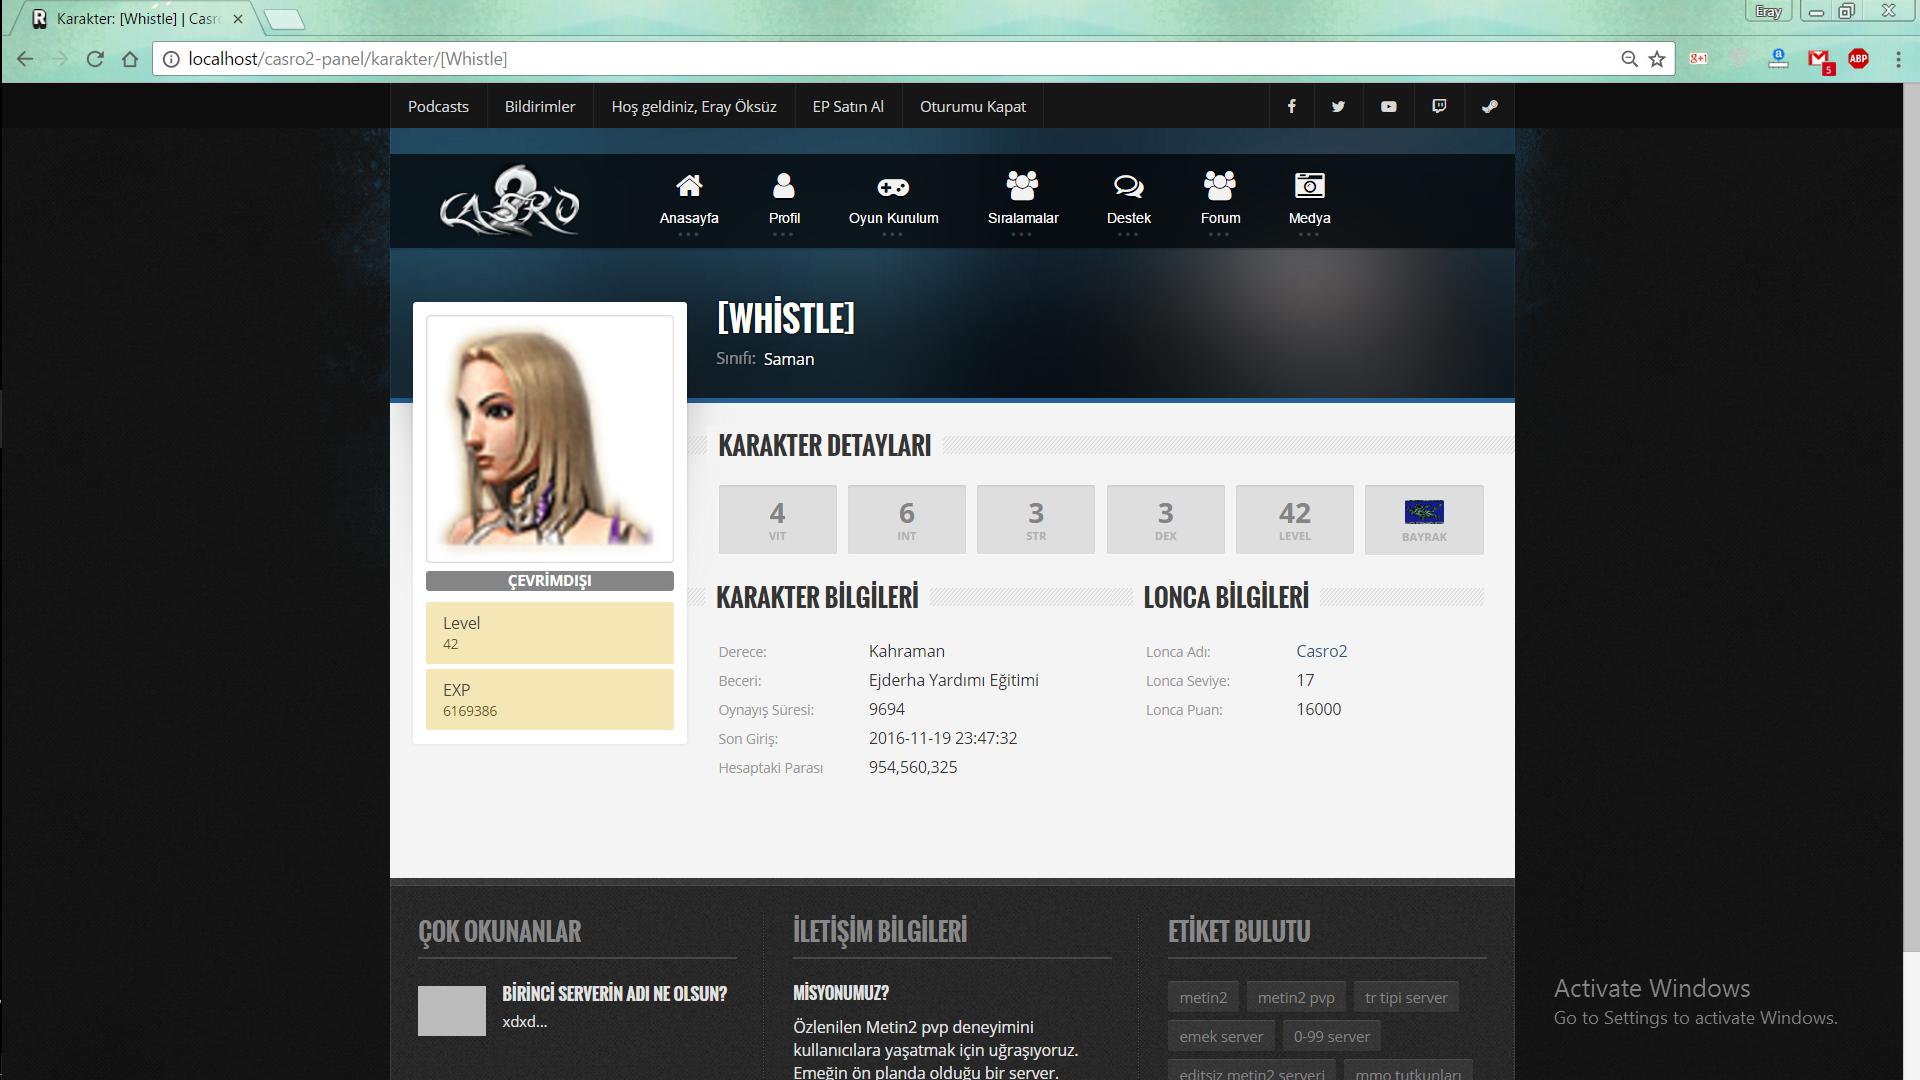 Karakter Profili